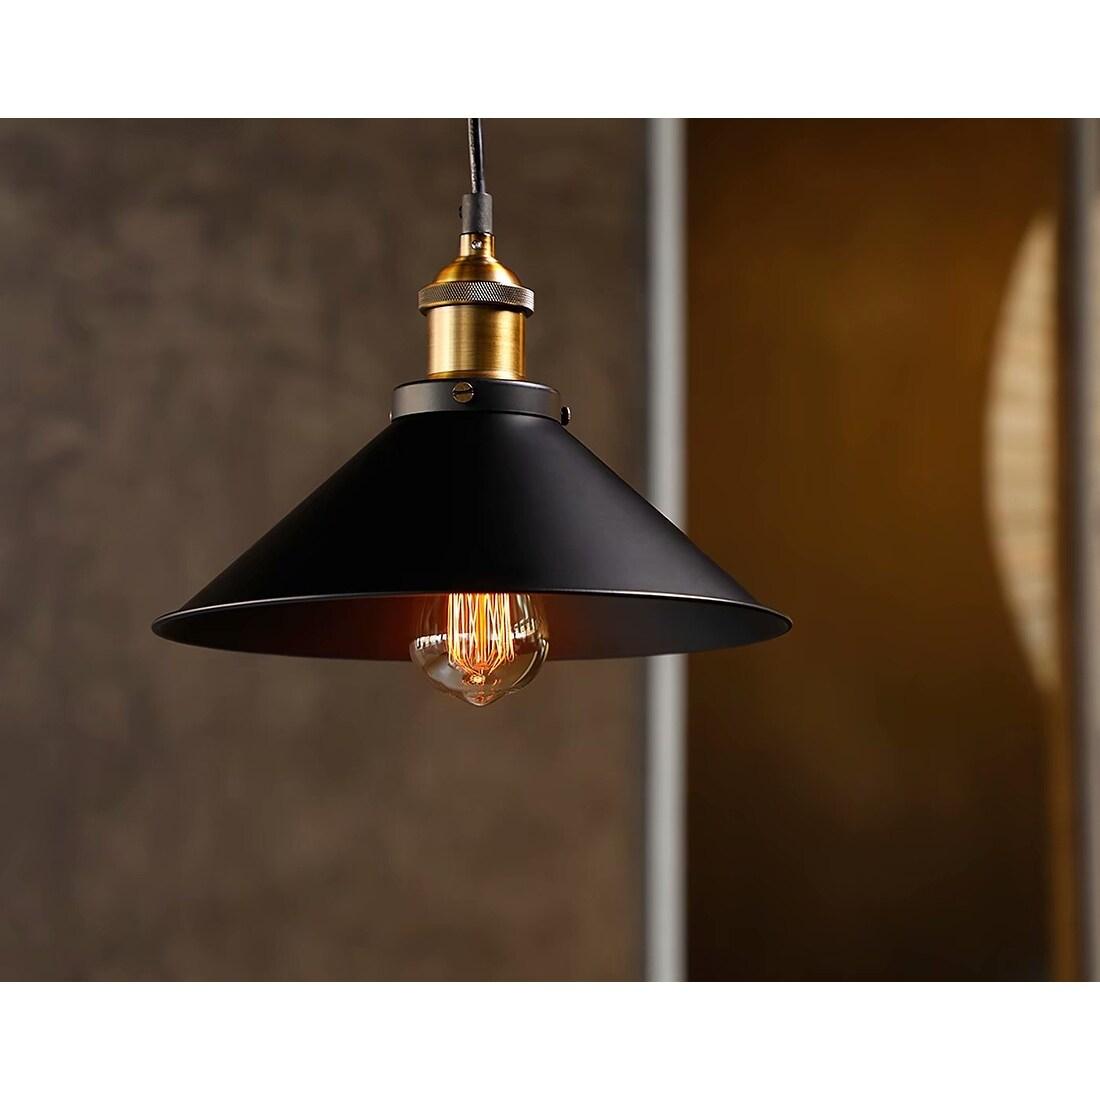 Shop Black Friday Deals On Savfya 1 3 Pack Industrial Hanging Pendant Light Matte Black Overstock 14174789